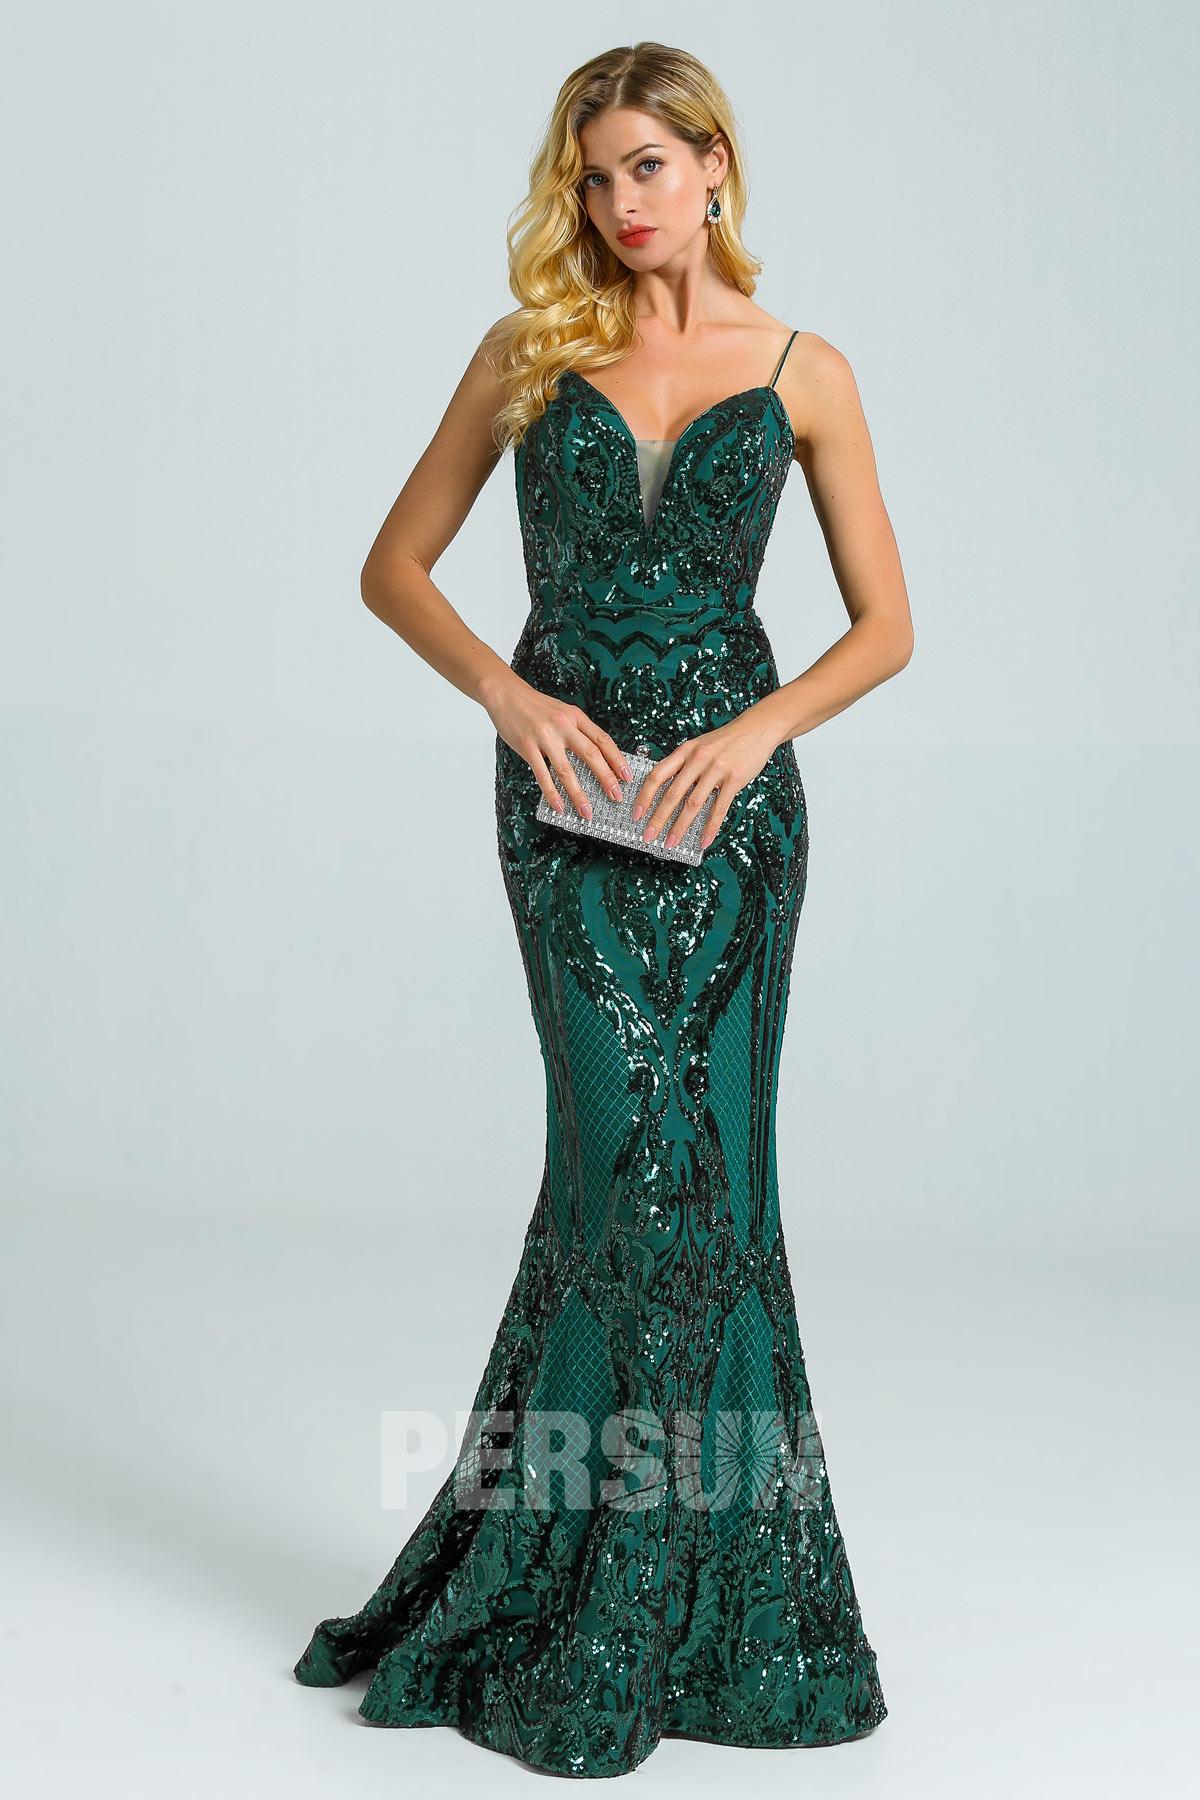 Chic robe de soirée sirène vert sapin en dentelle de sequins dos échancré